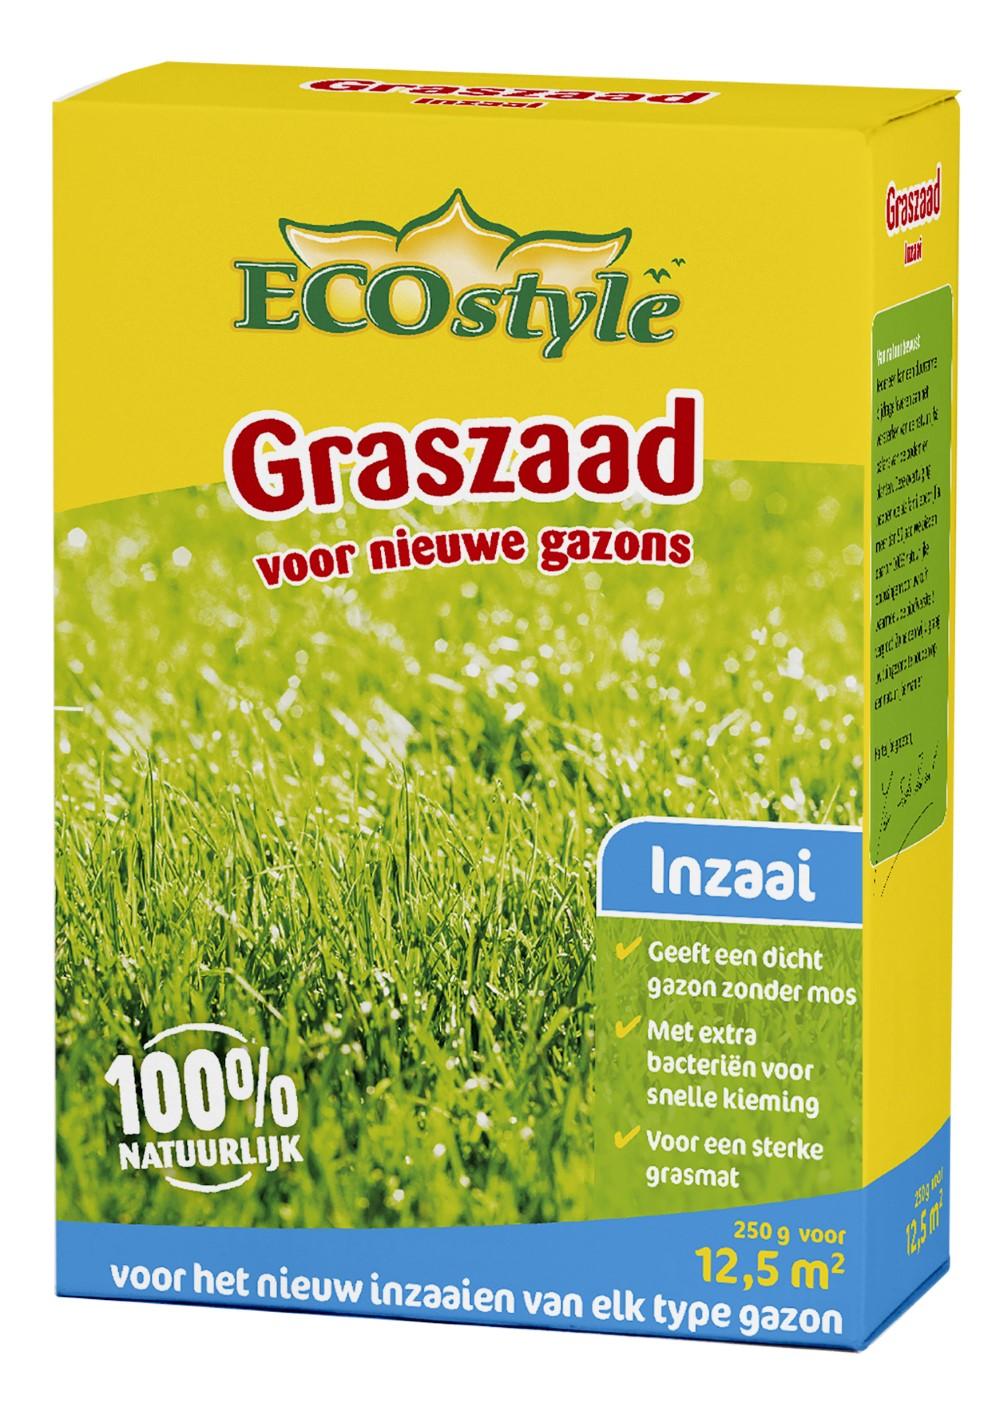 Ecostyle Graszaad Inzaai 250 g